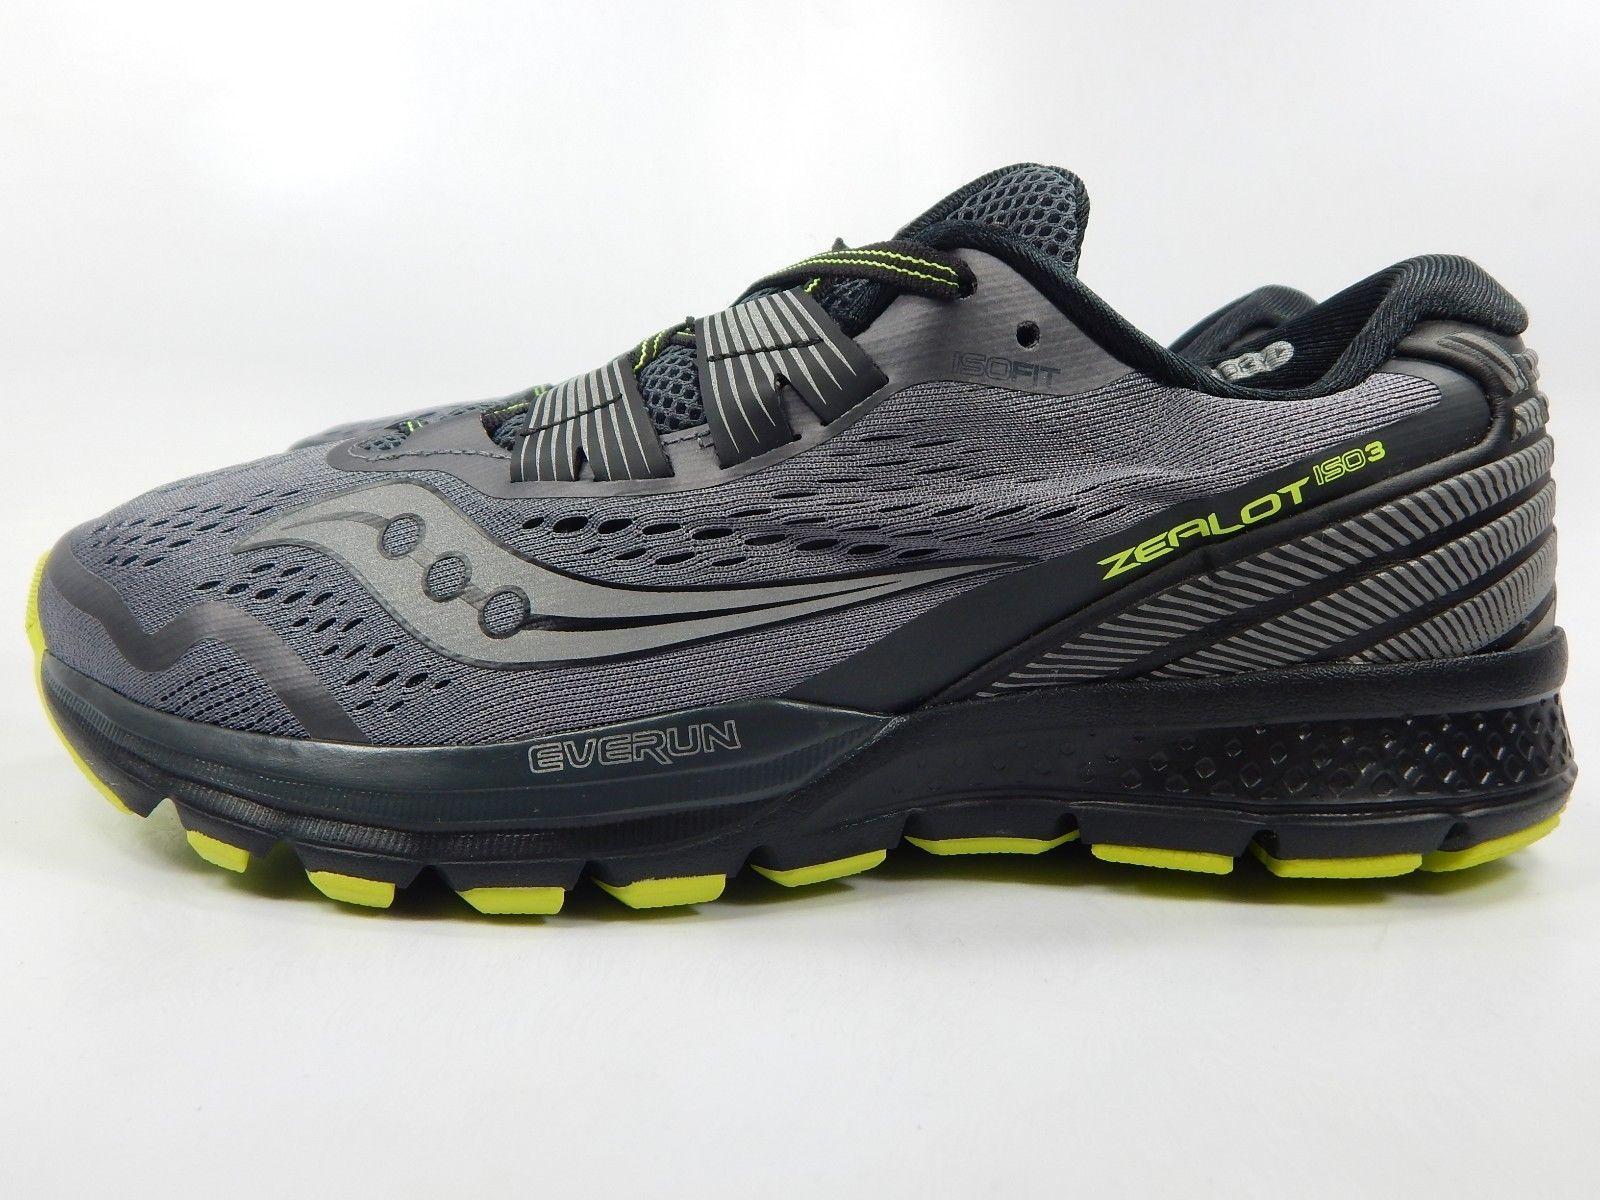 Saucony Zealot ISO 3 Men's Running Shoes Size US 9 M (D) EU 42.5 Grey S20399-1